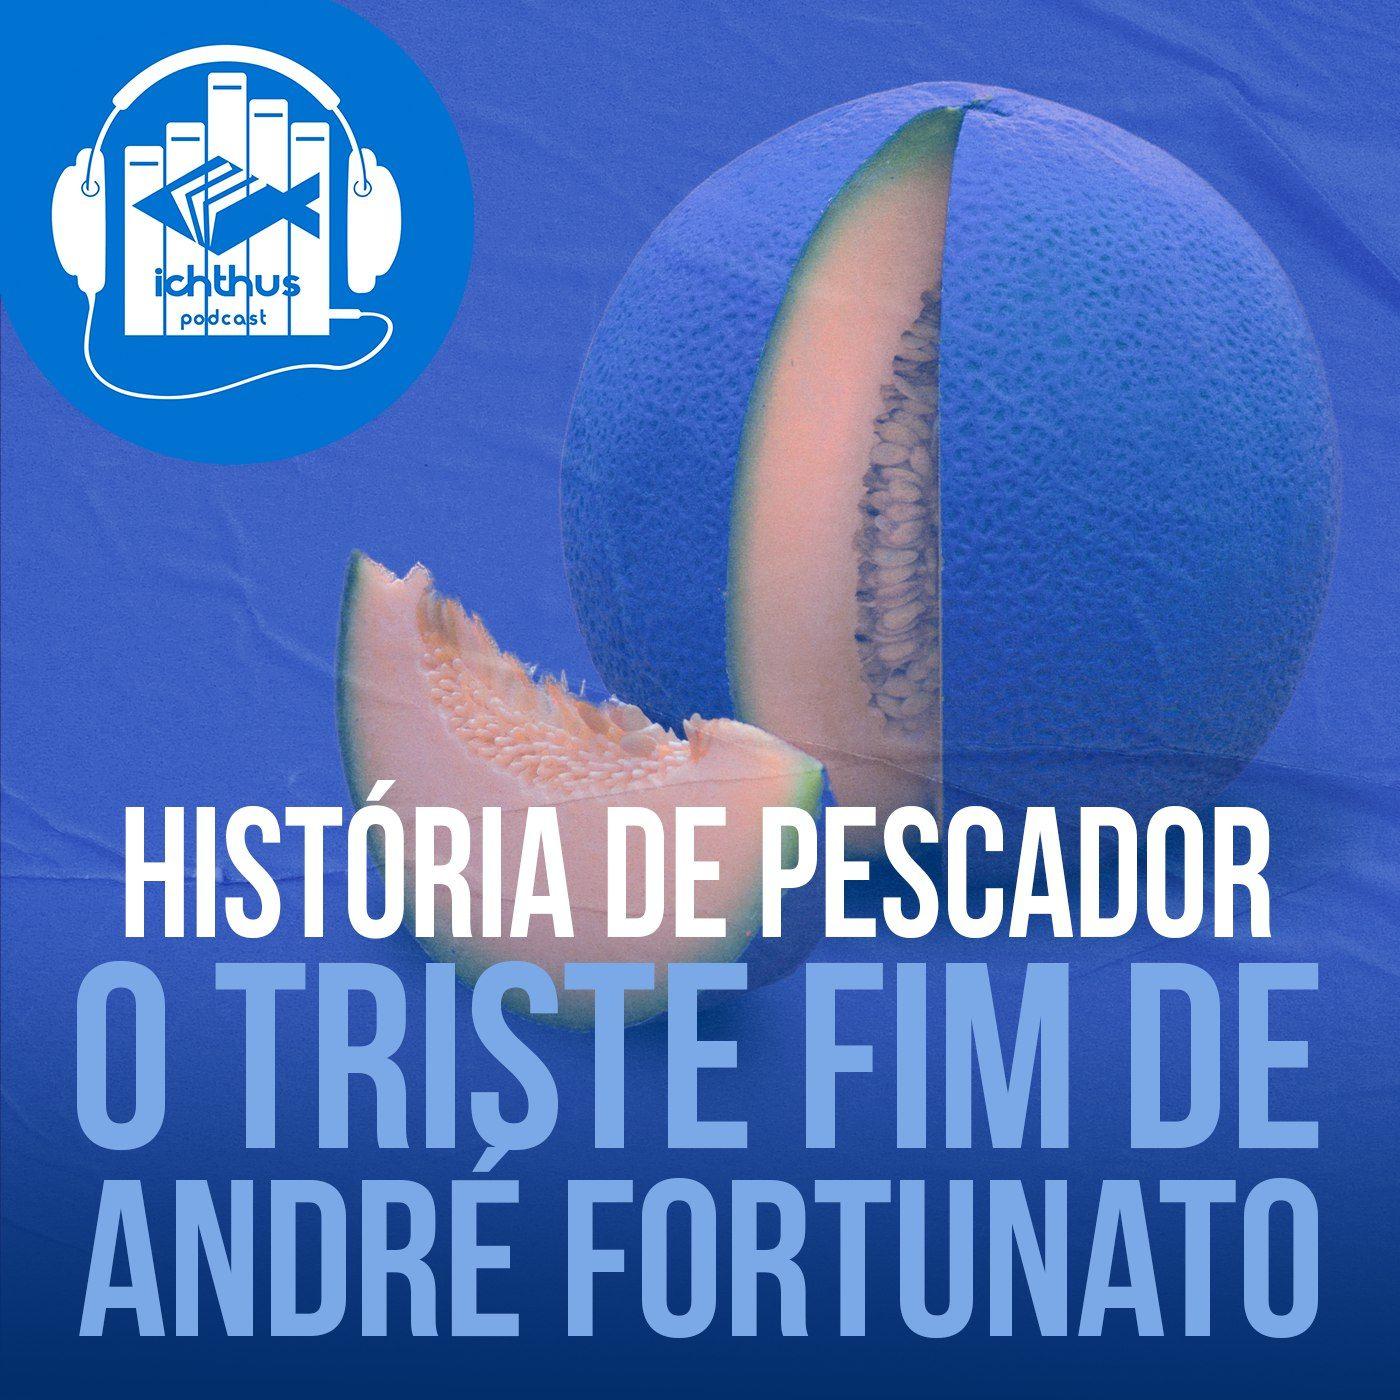 O triste fim de André Fortunato | História de pescador